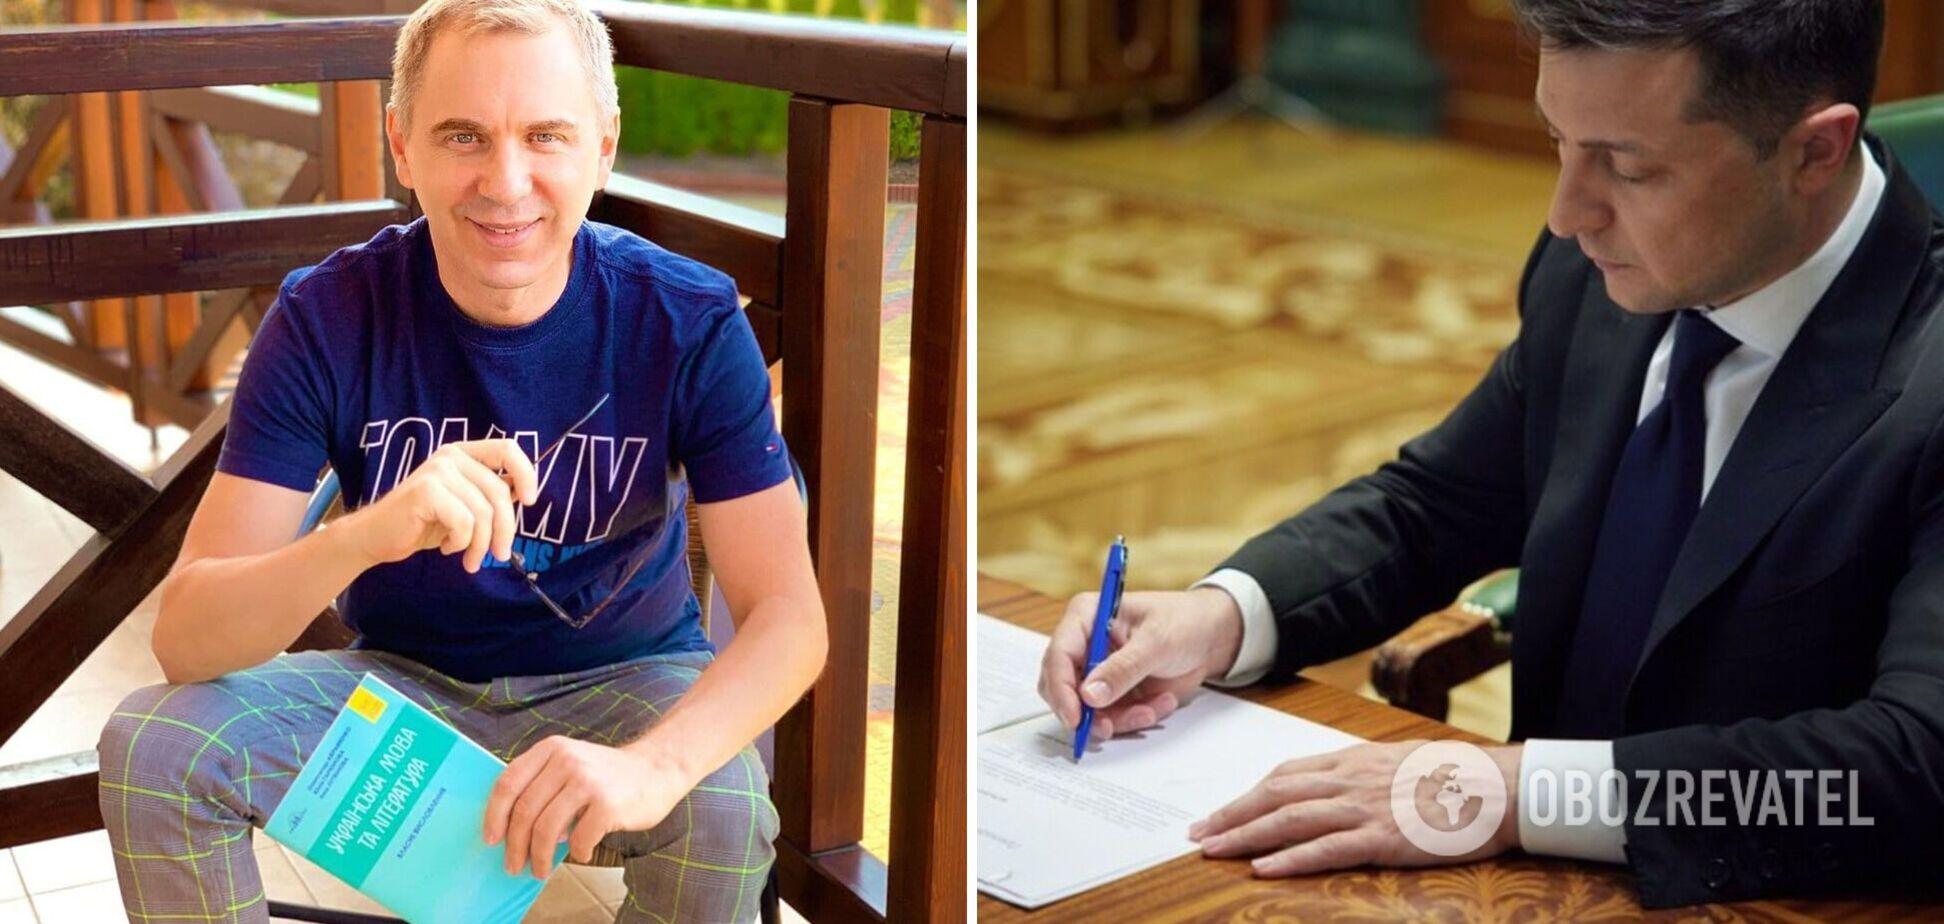 'Не безнадійний': Авраменко розповів, як вчив Зеленського української мови